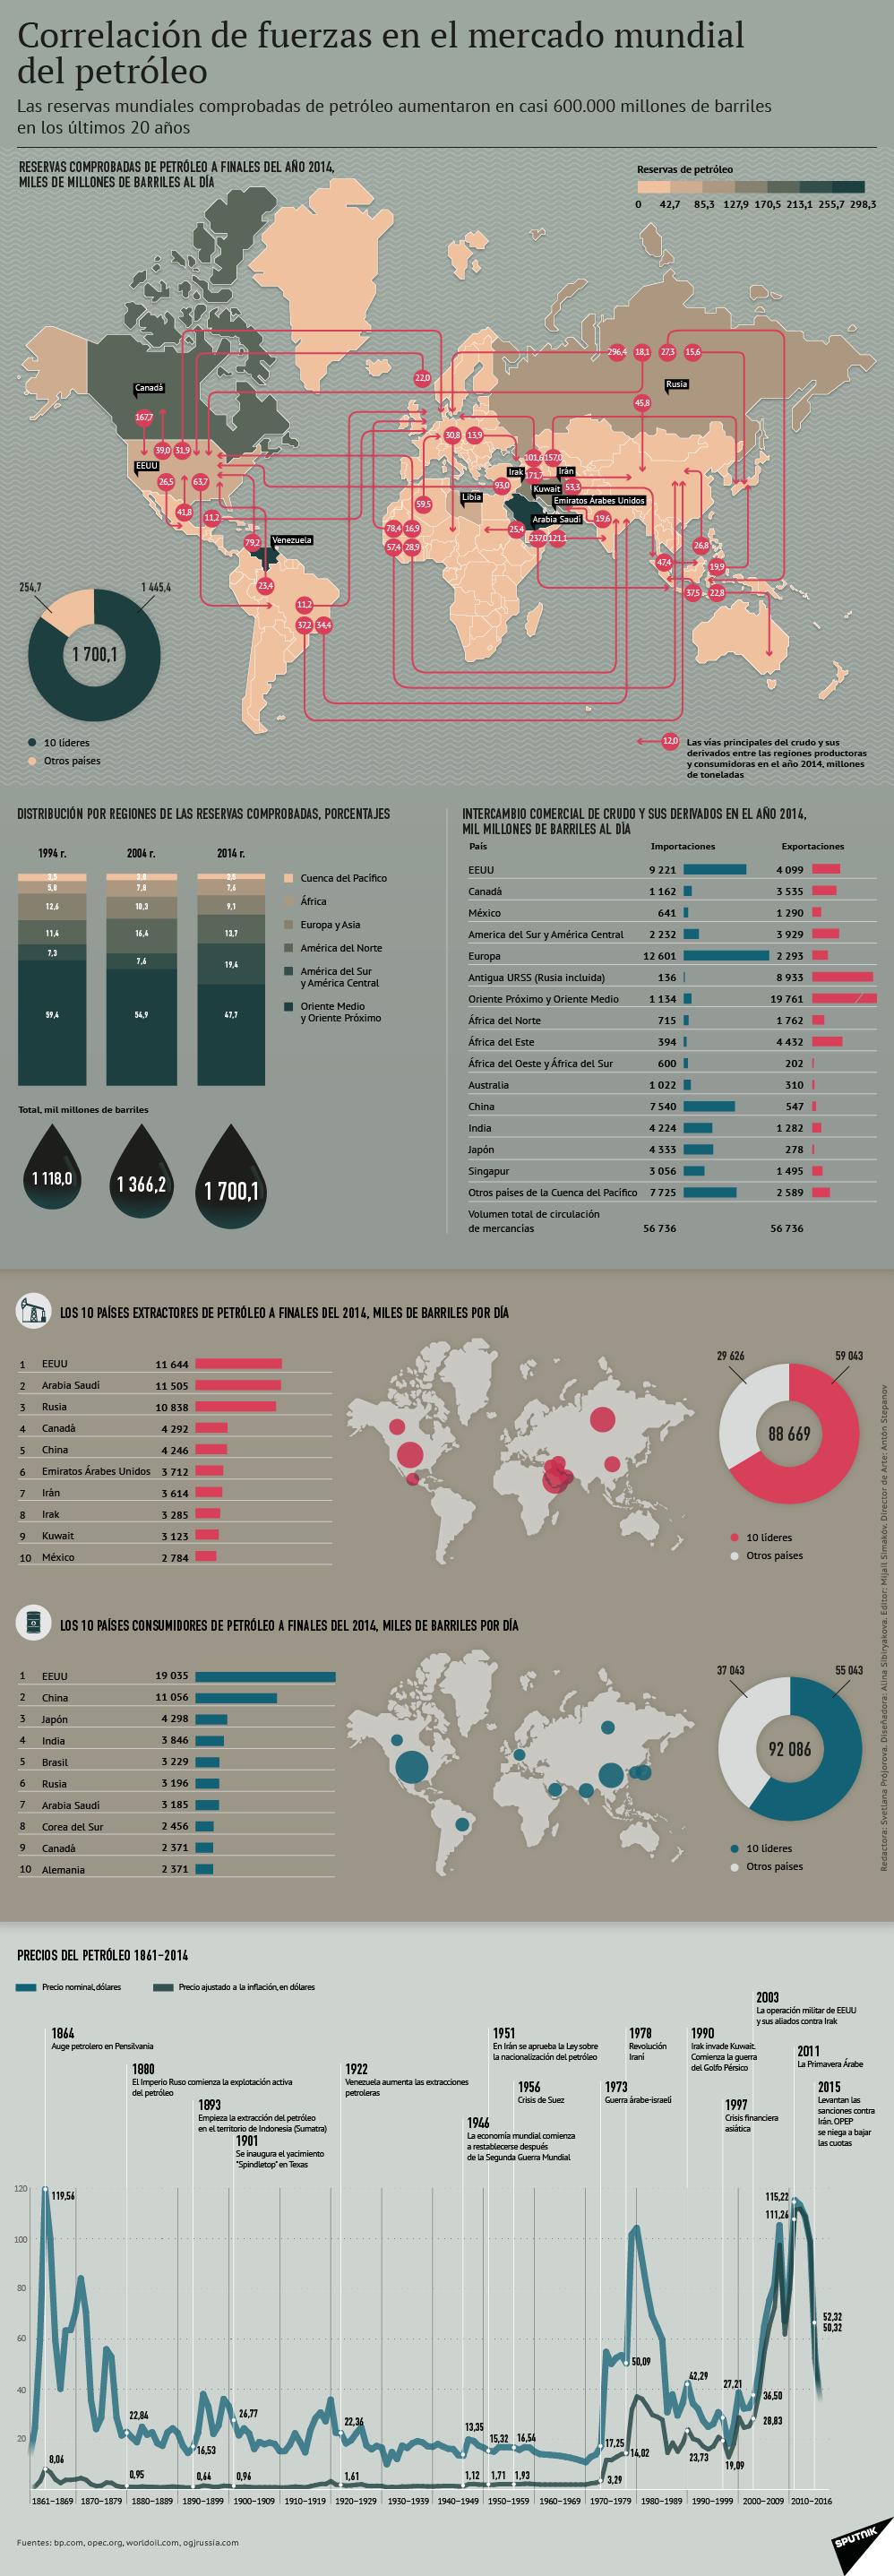 Correlación de fuerzas en el mercado mundial del petróleo